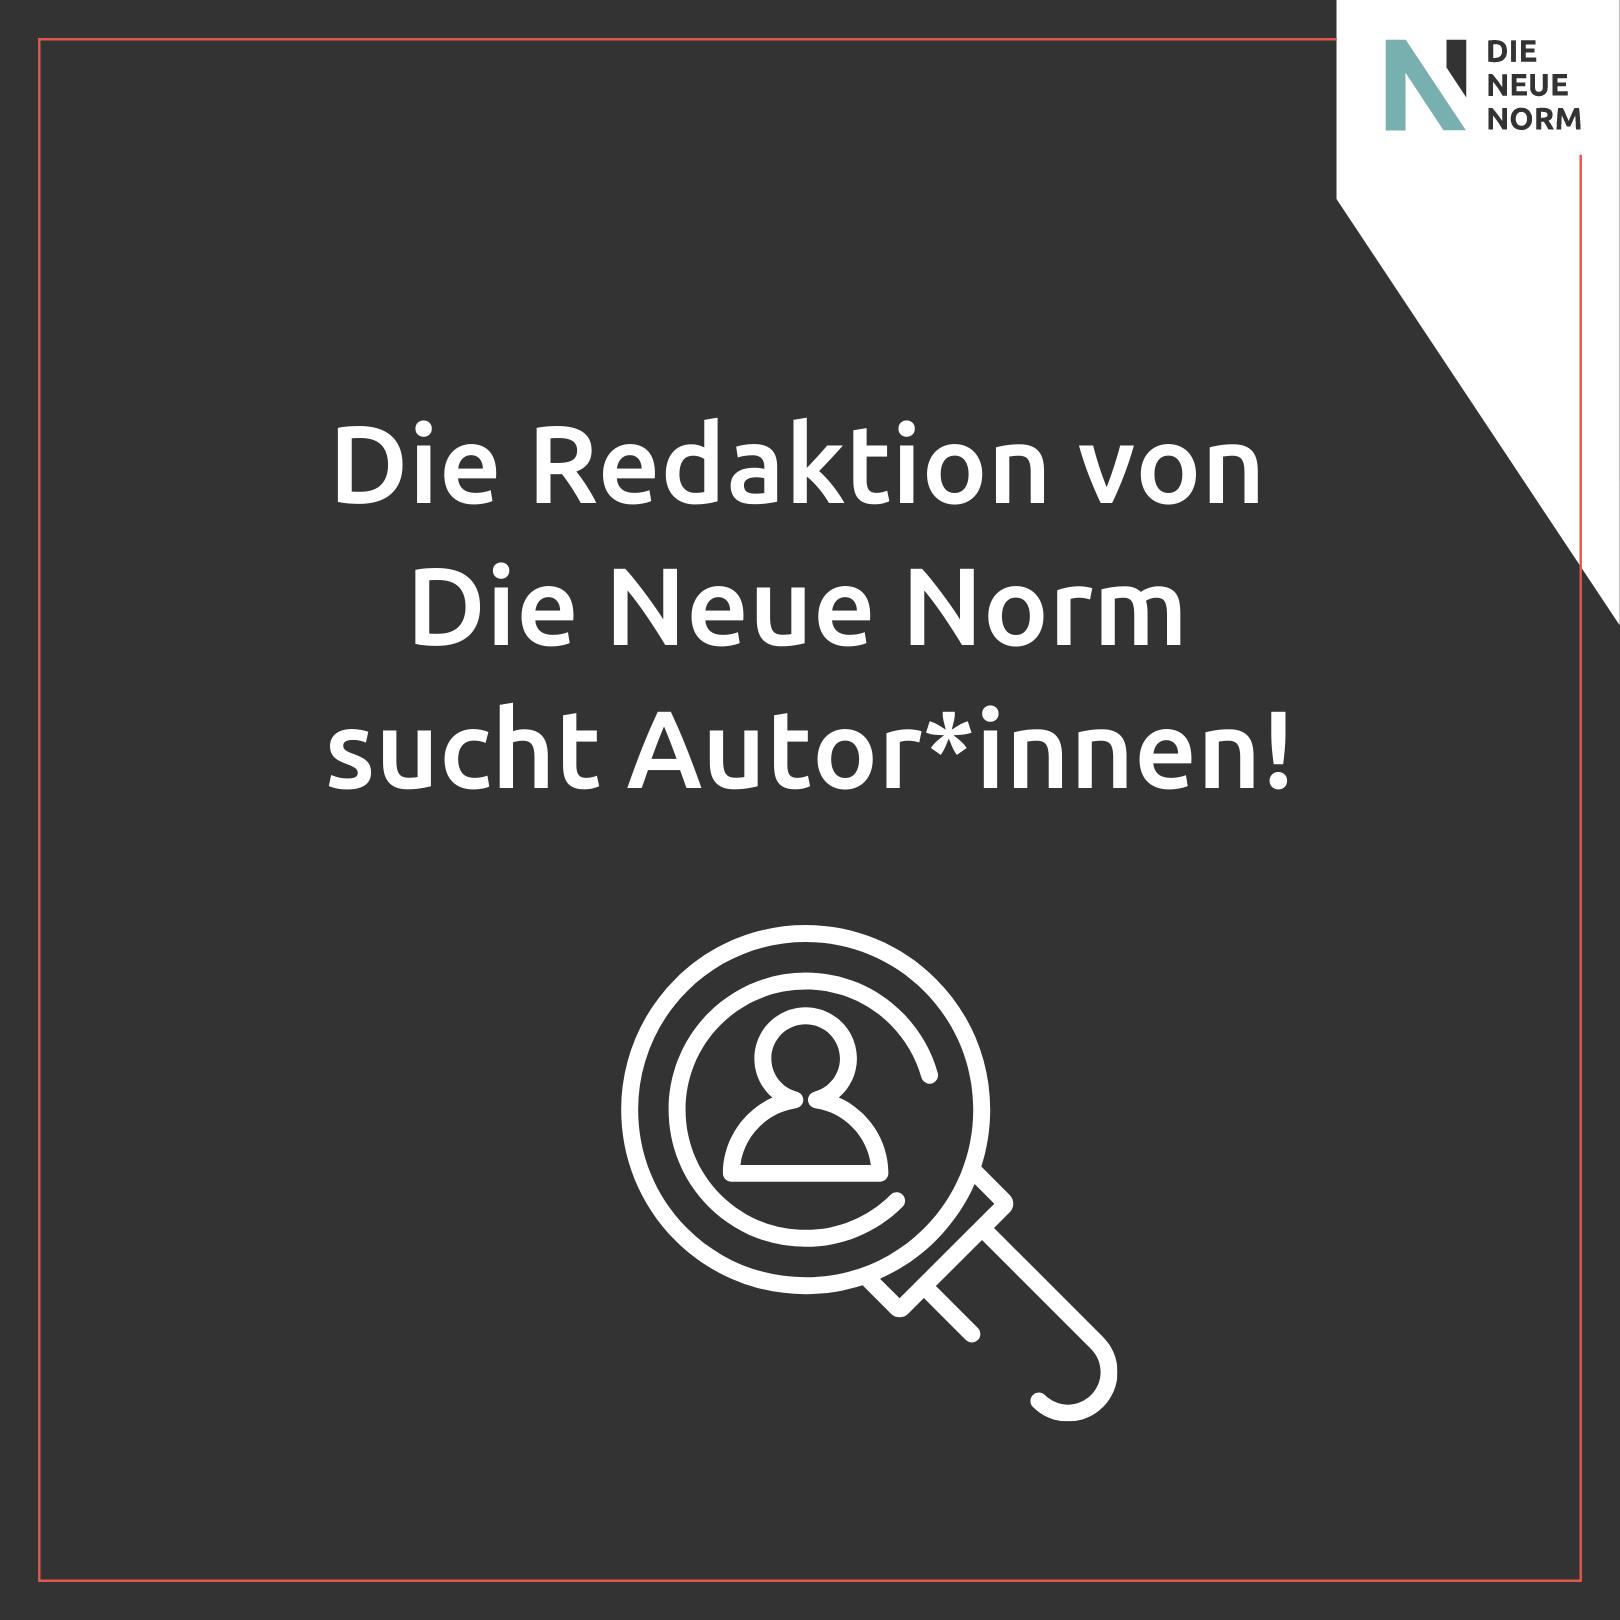 Die Redaktion von Die Neue Norm sucht Autor*innen!